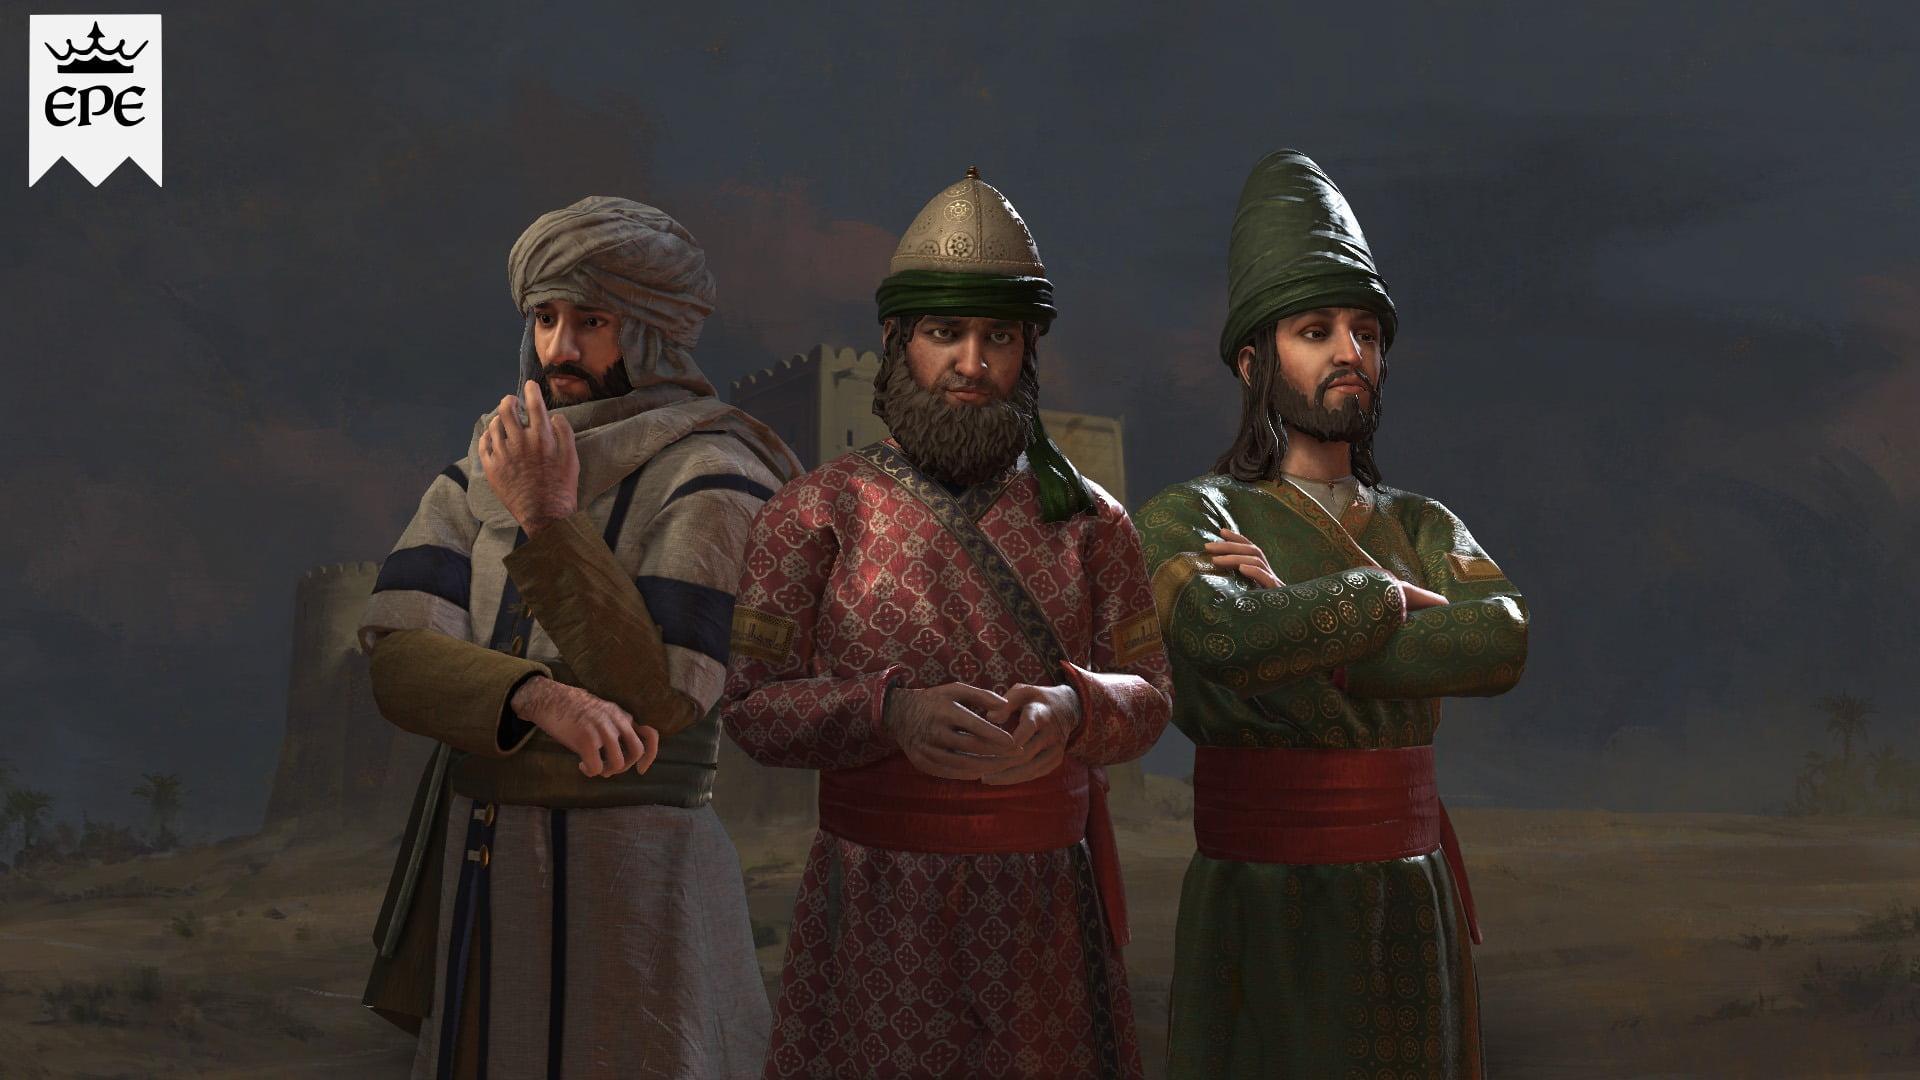 دانلود مد Ethnicities and Portraits Expanded برای بازی Crusader Kings III